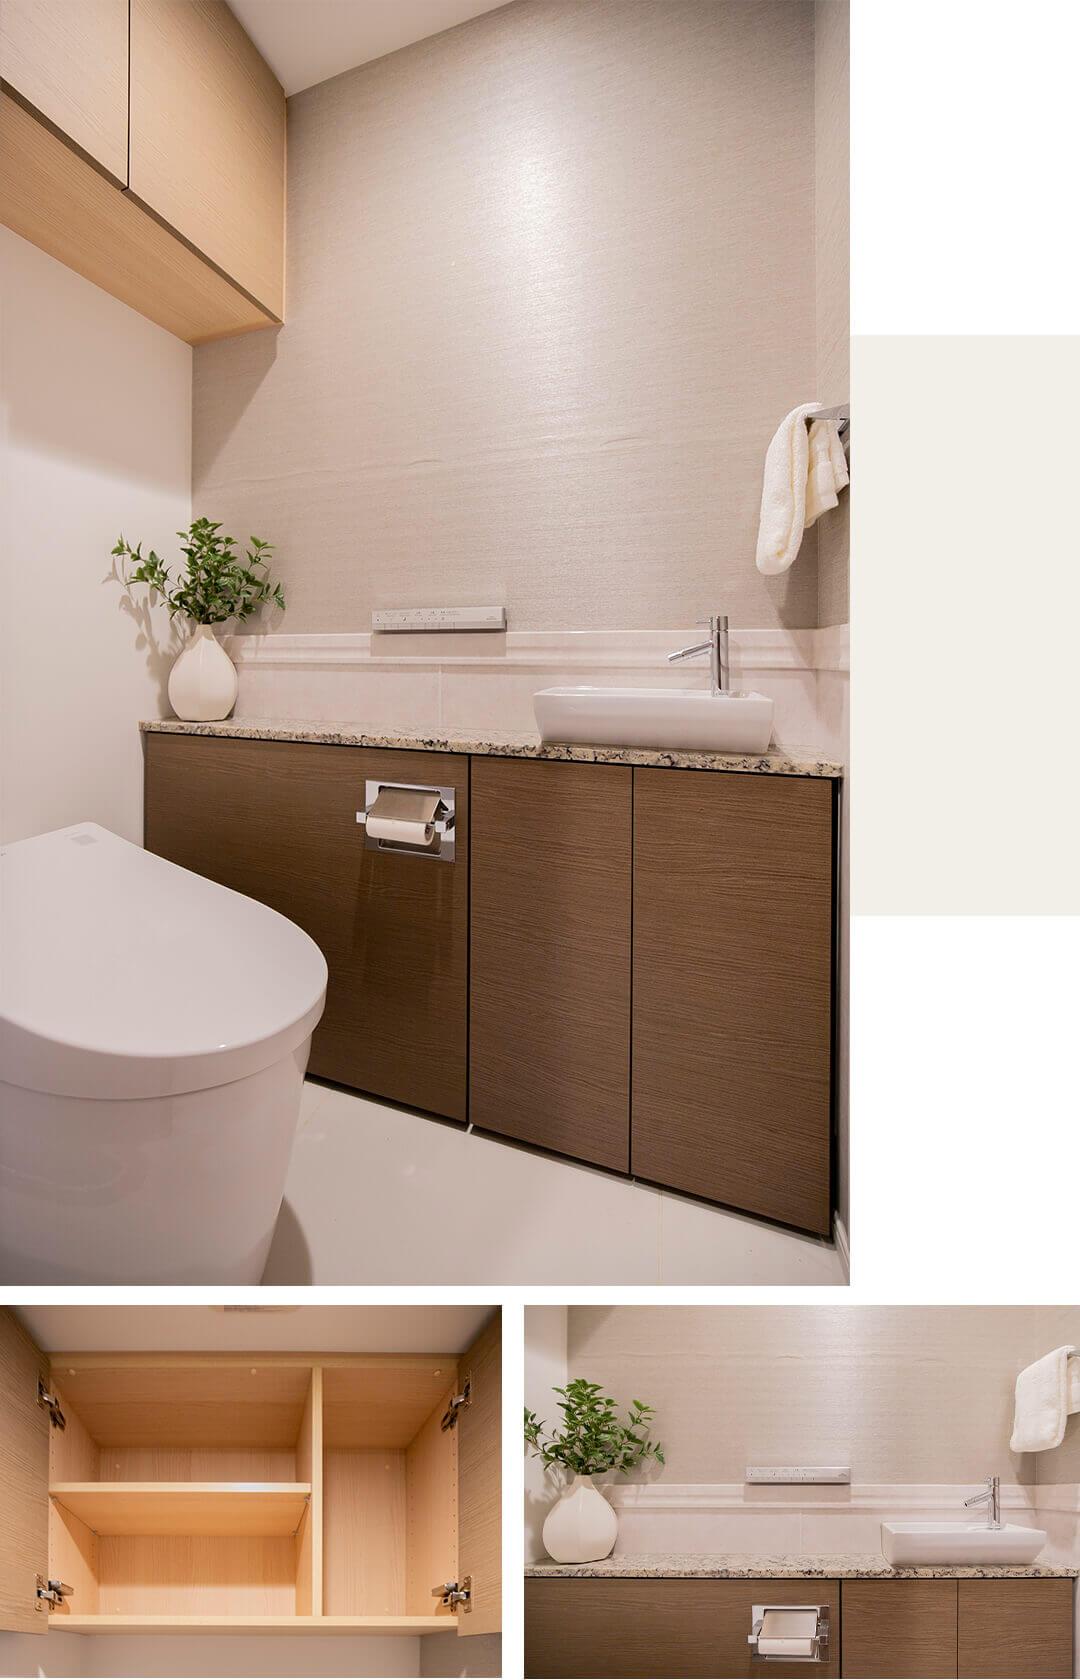 プラウド恵比寿南のトイレ